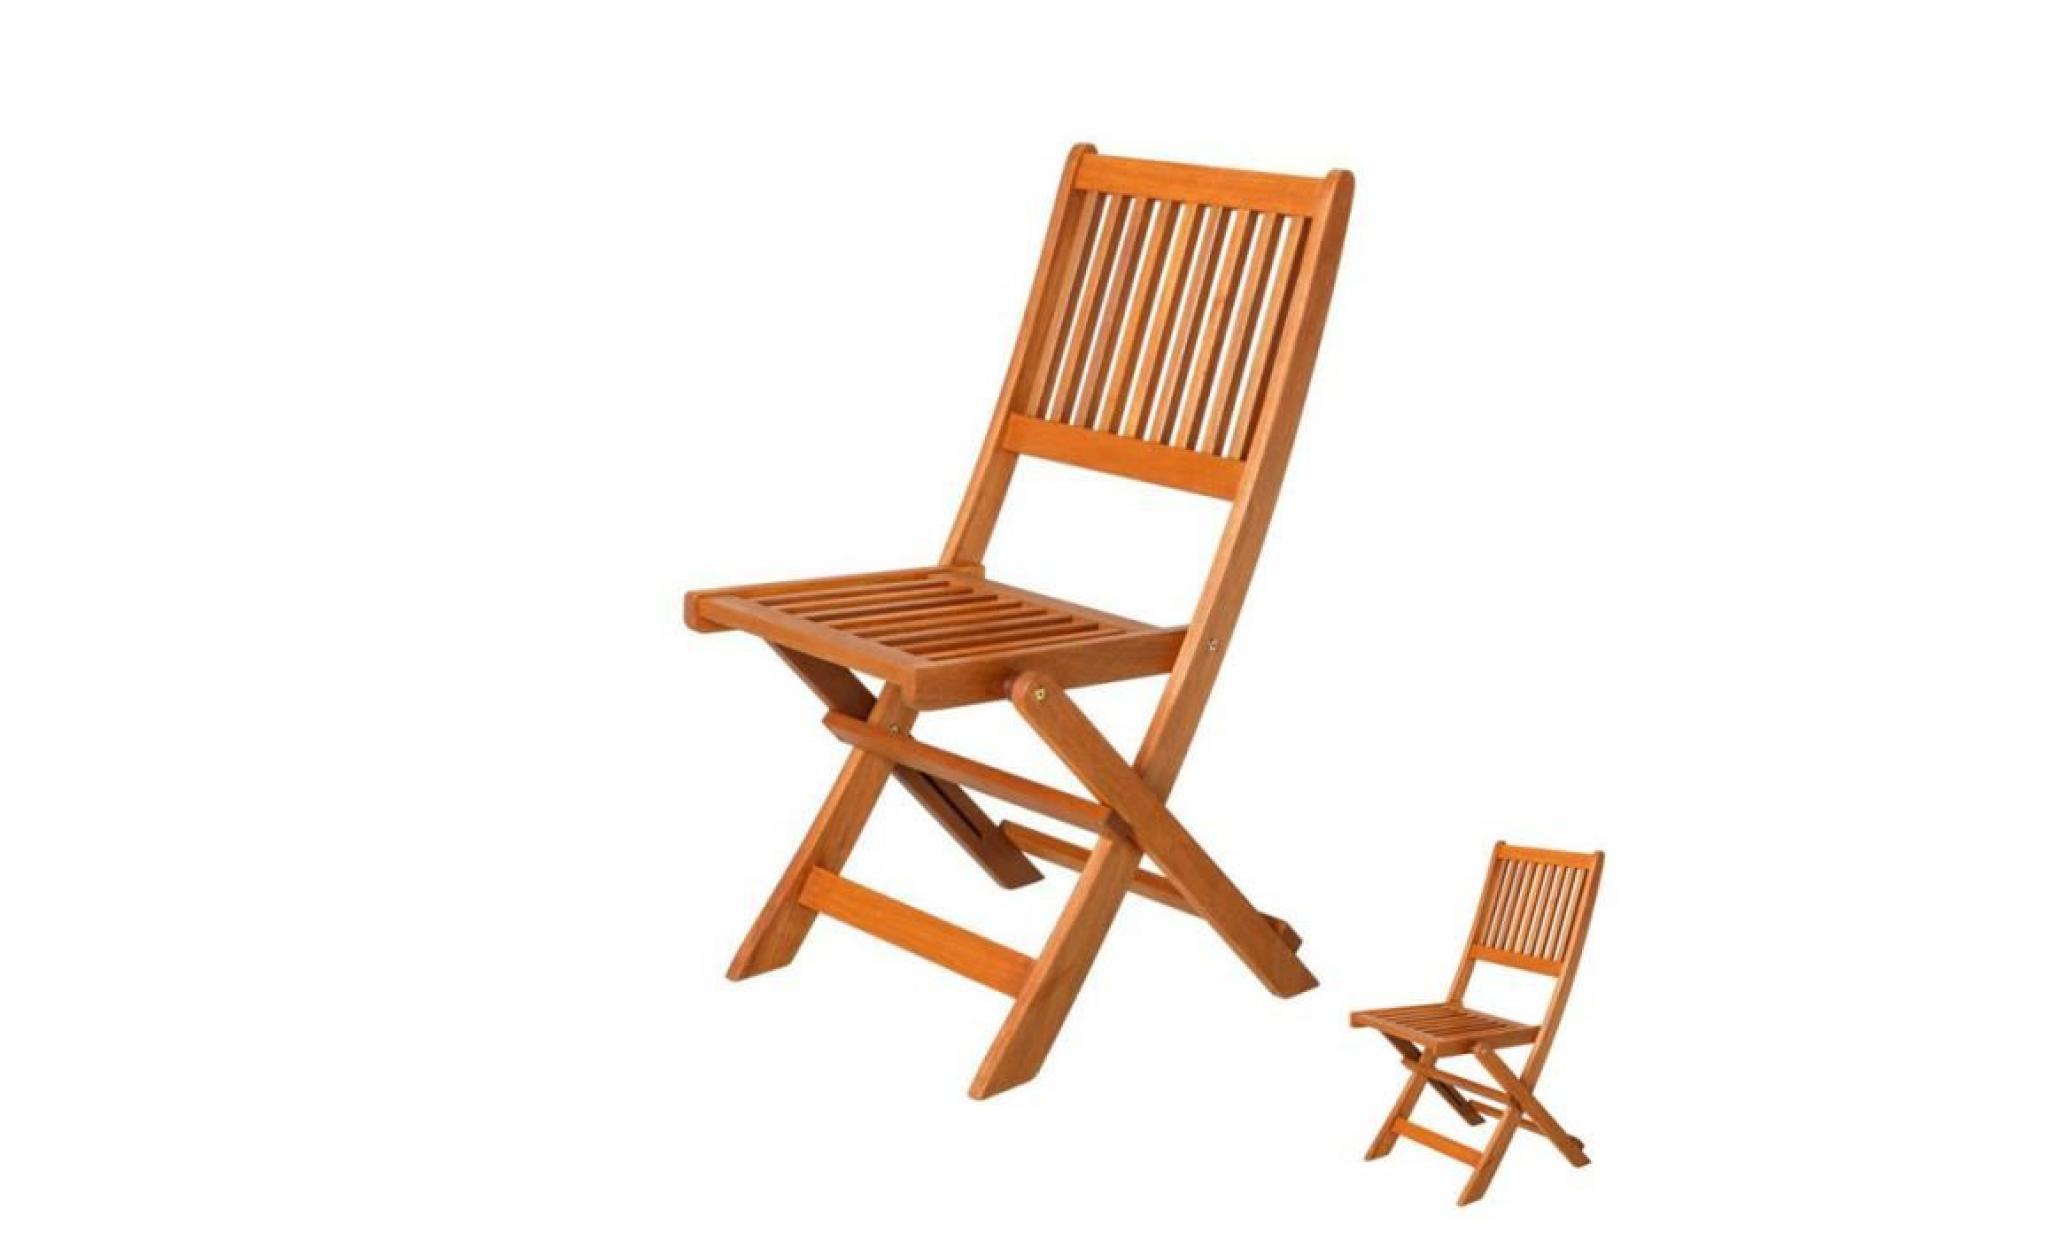 duo de chaises pliantes en bois moofushi l 46 x l 65 x h 87 achat vente fauteuil de jardin en teck pas cher coindujardin com